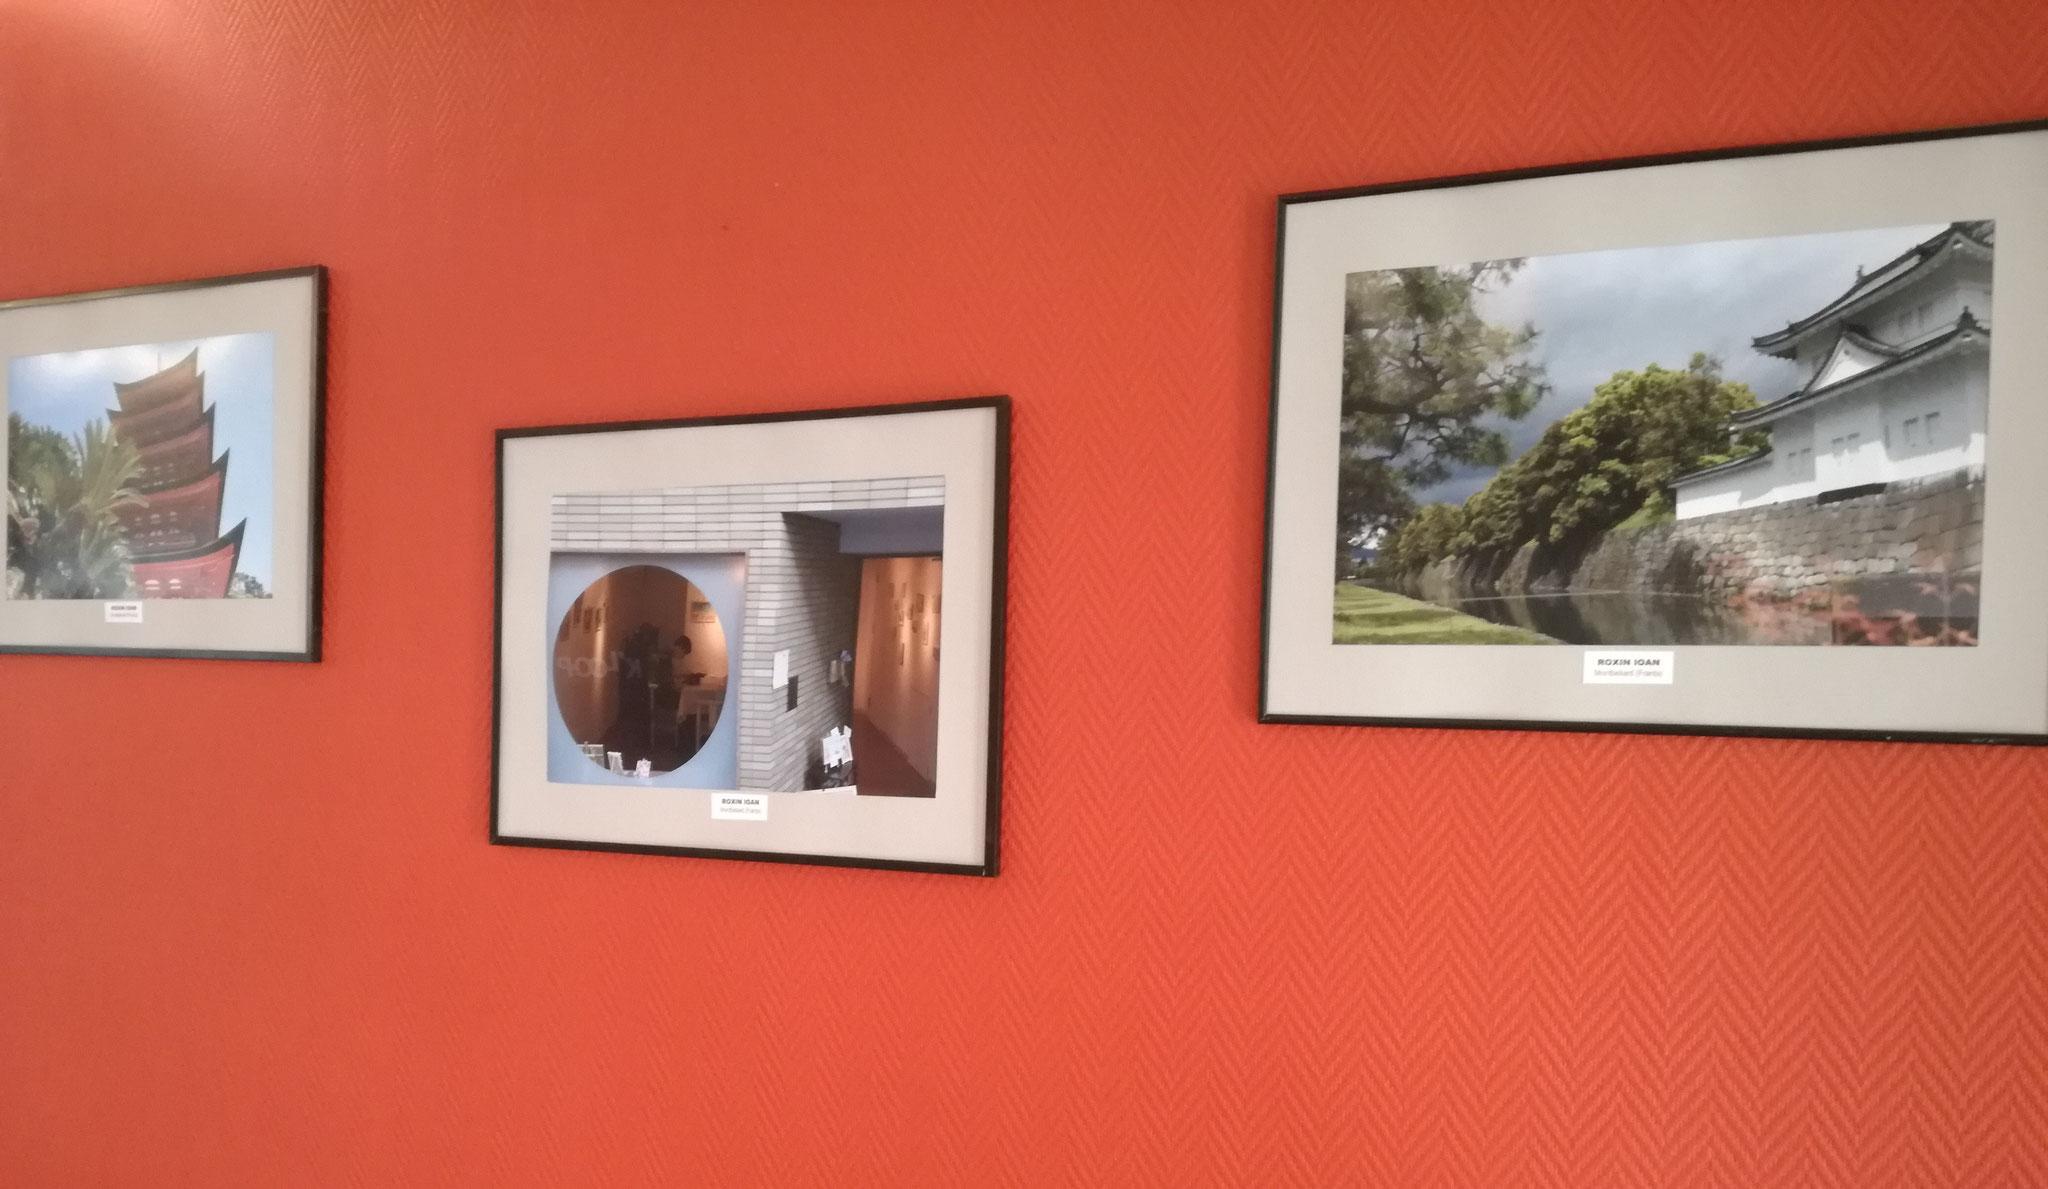 Roxin Ioan Montbéliard-i (MD) fotóművész egyéni kiállítása